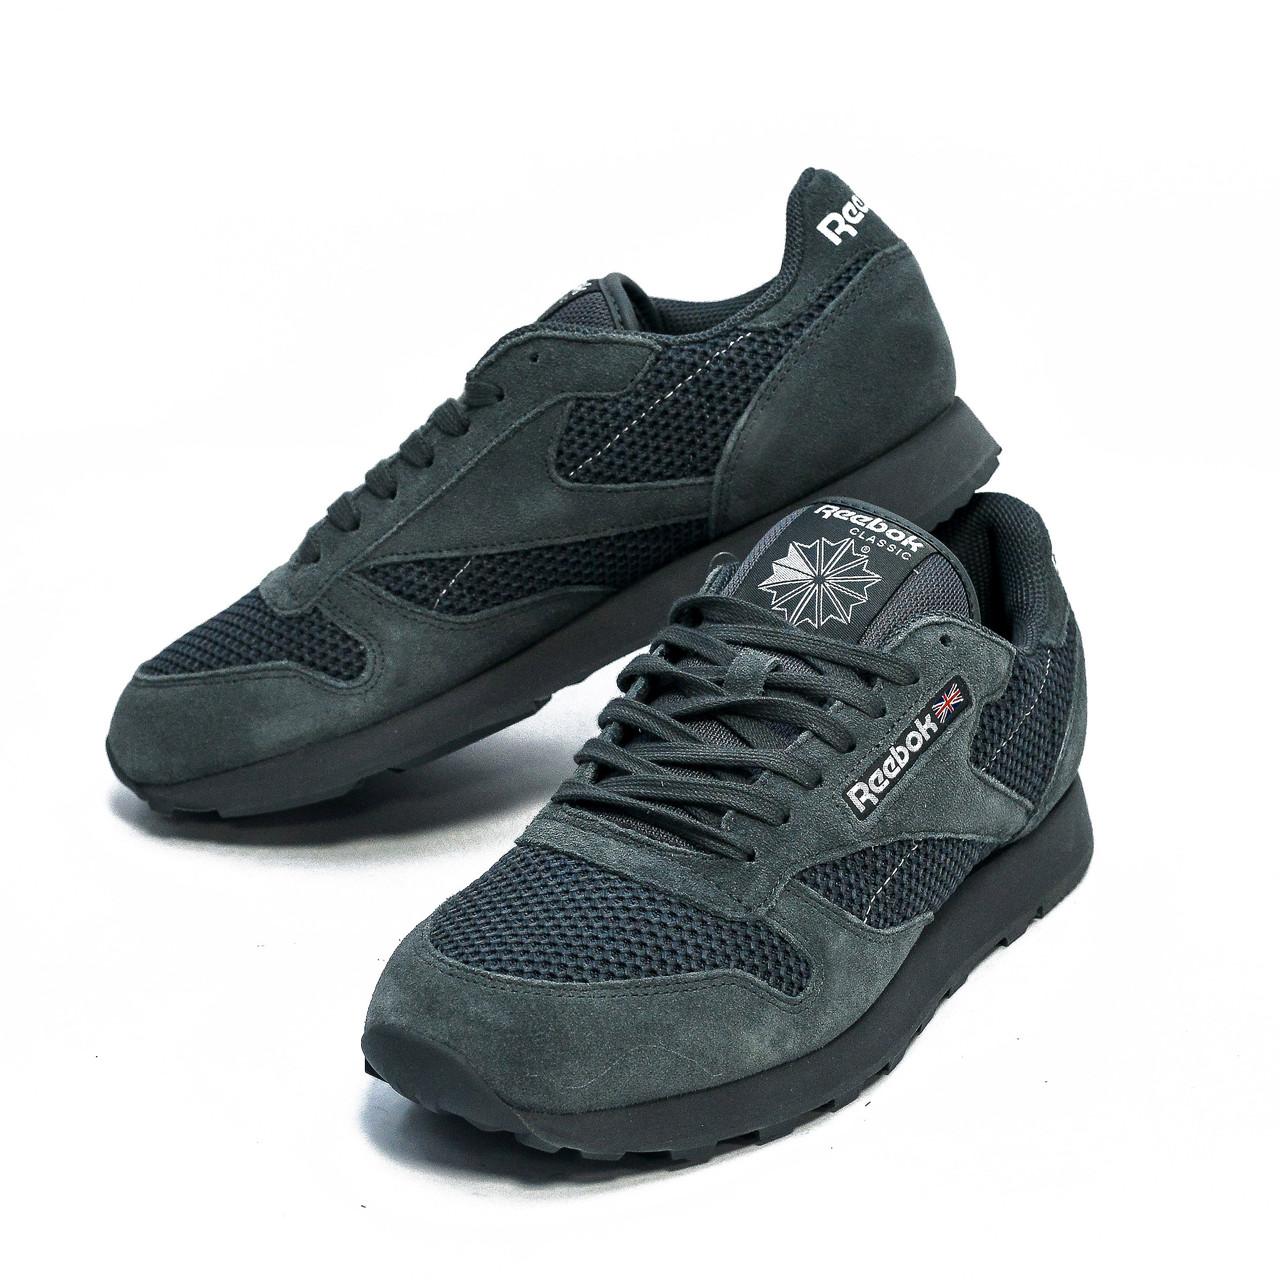 Оригинальные мужские кроссовки Reebok Classic Leather Knit